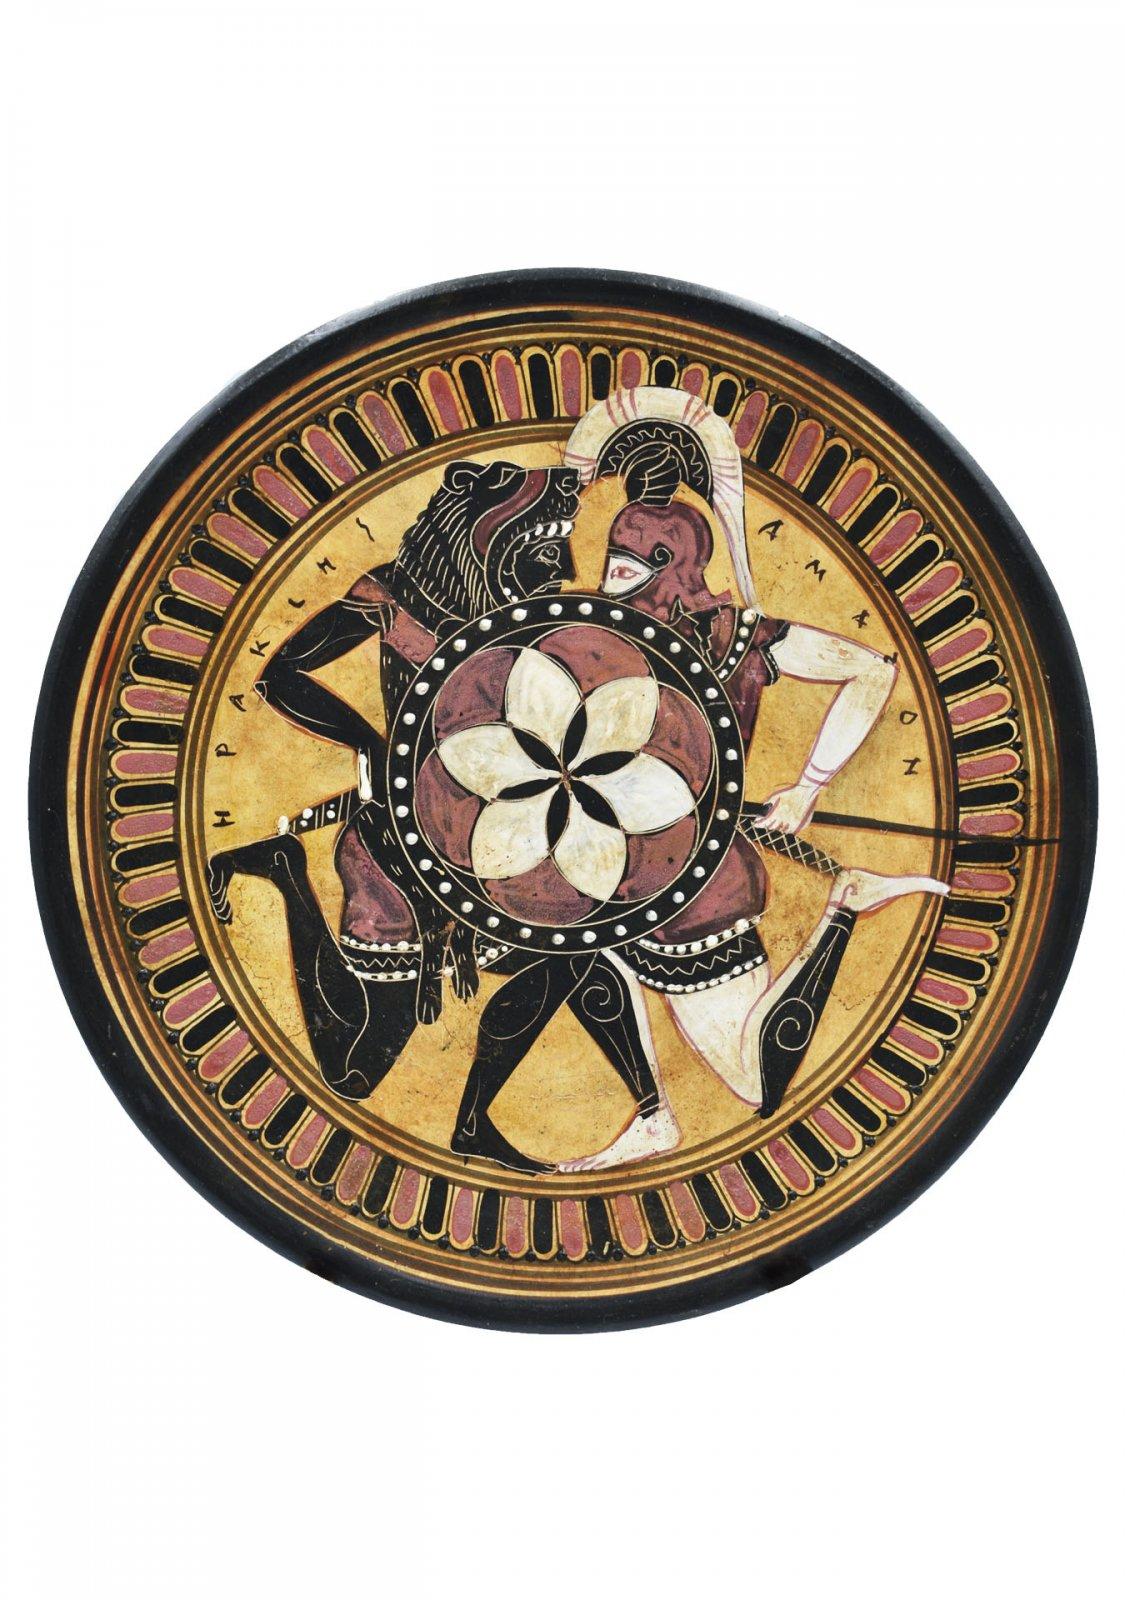 Greek ceramic plate depicting Hercules and Amazon